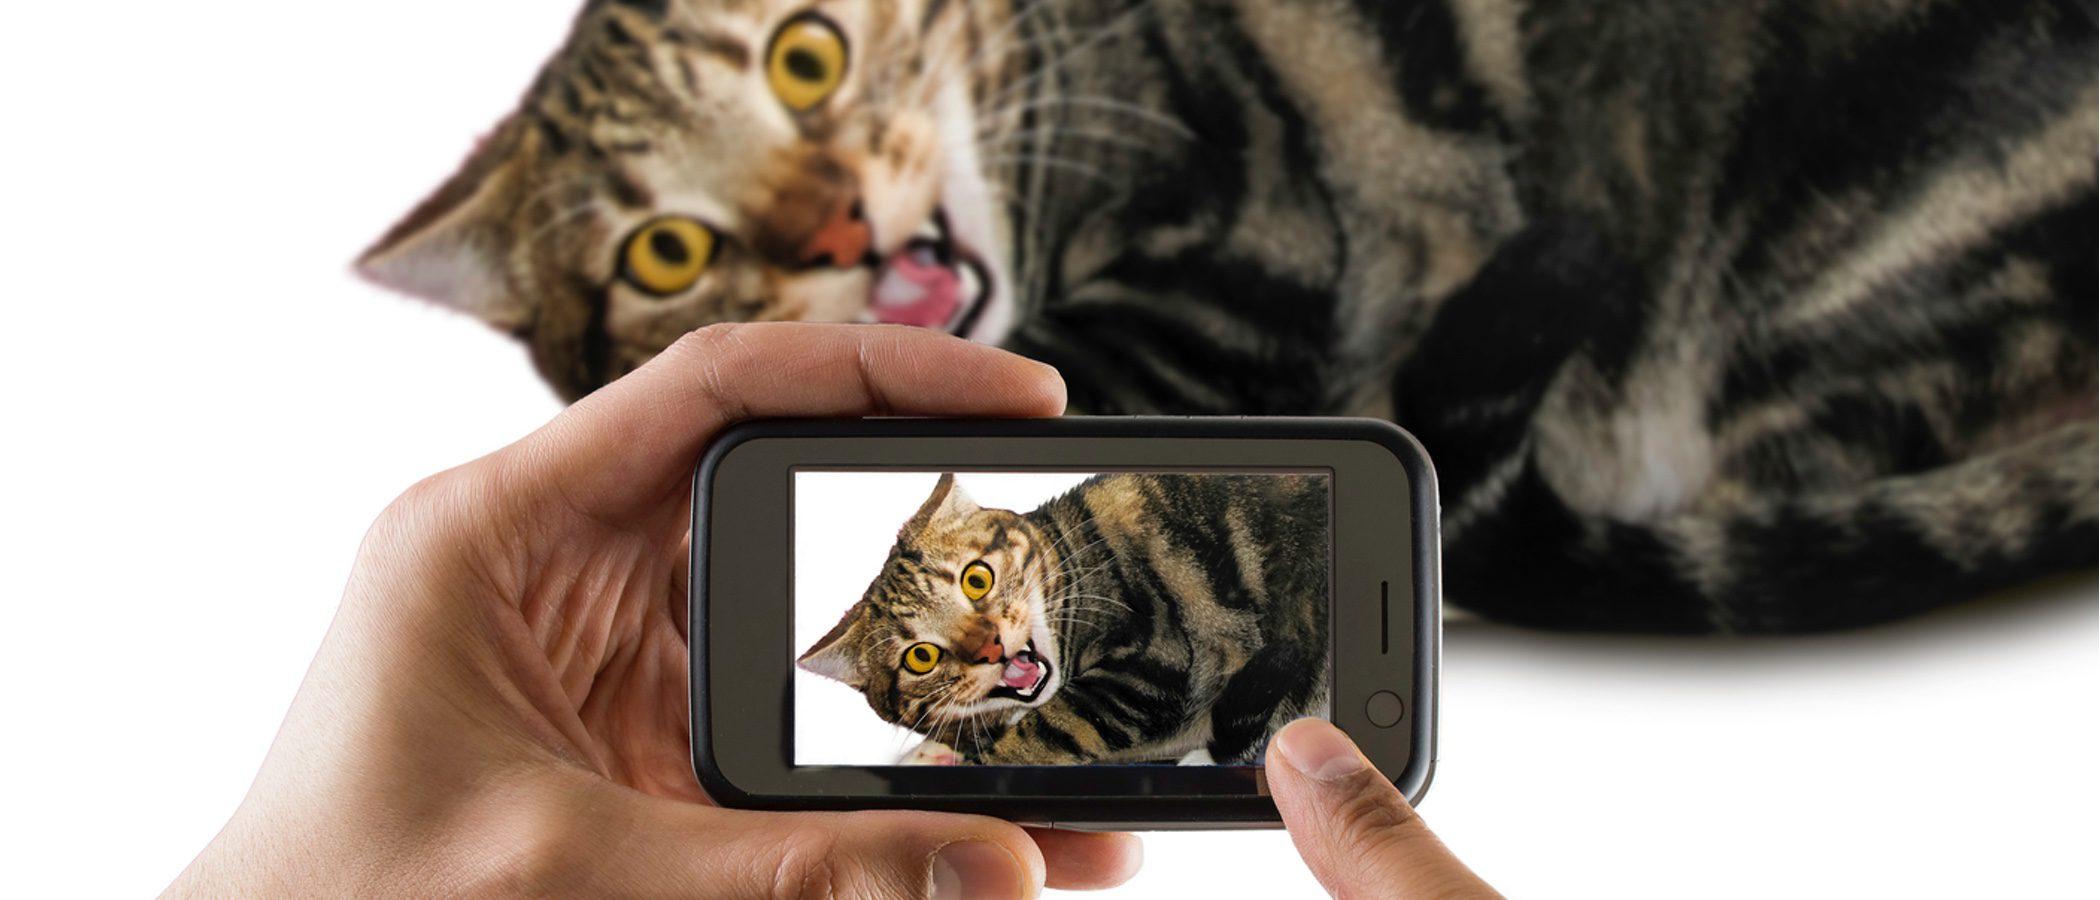 Trucos para conseguir que tu gato esté quieto al hacer una foto